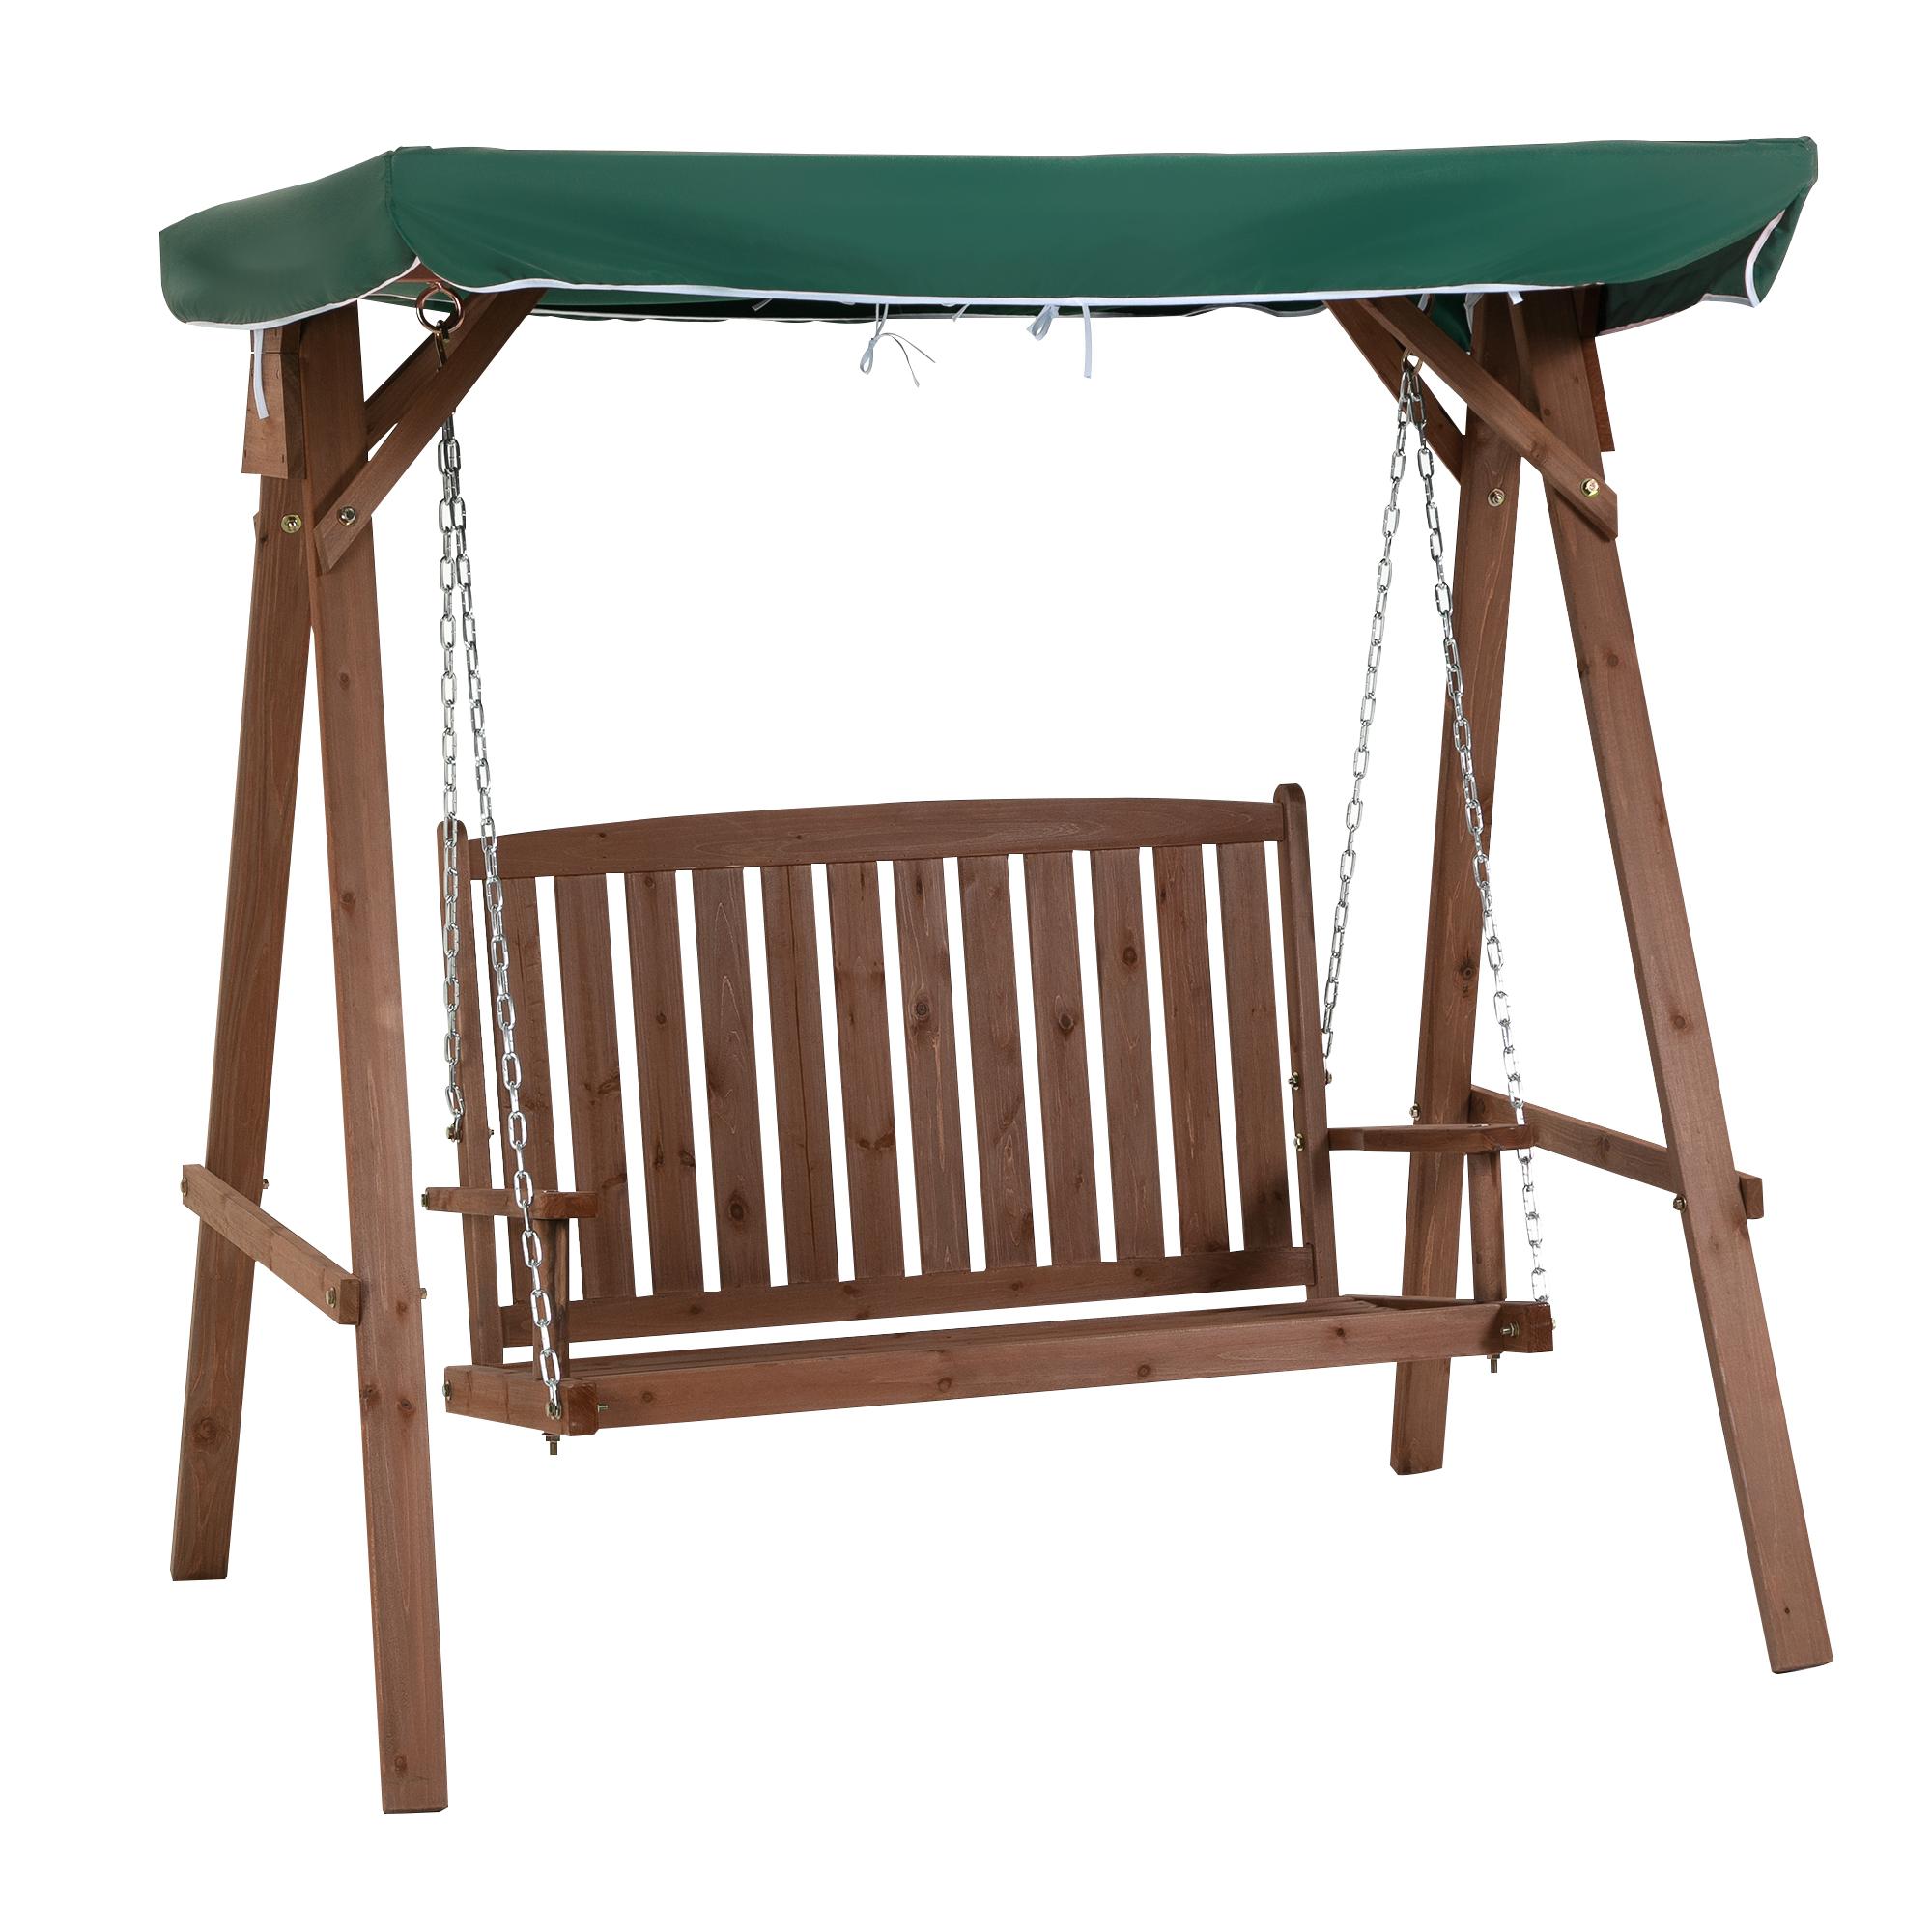 Balancelle de jardin 2 places avec pare-soleil vert